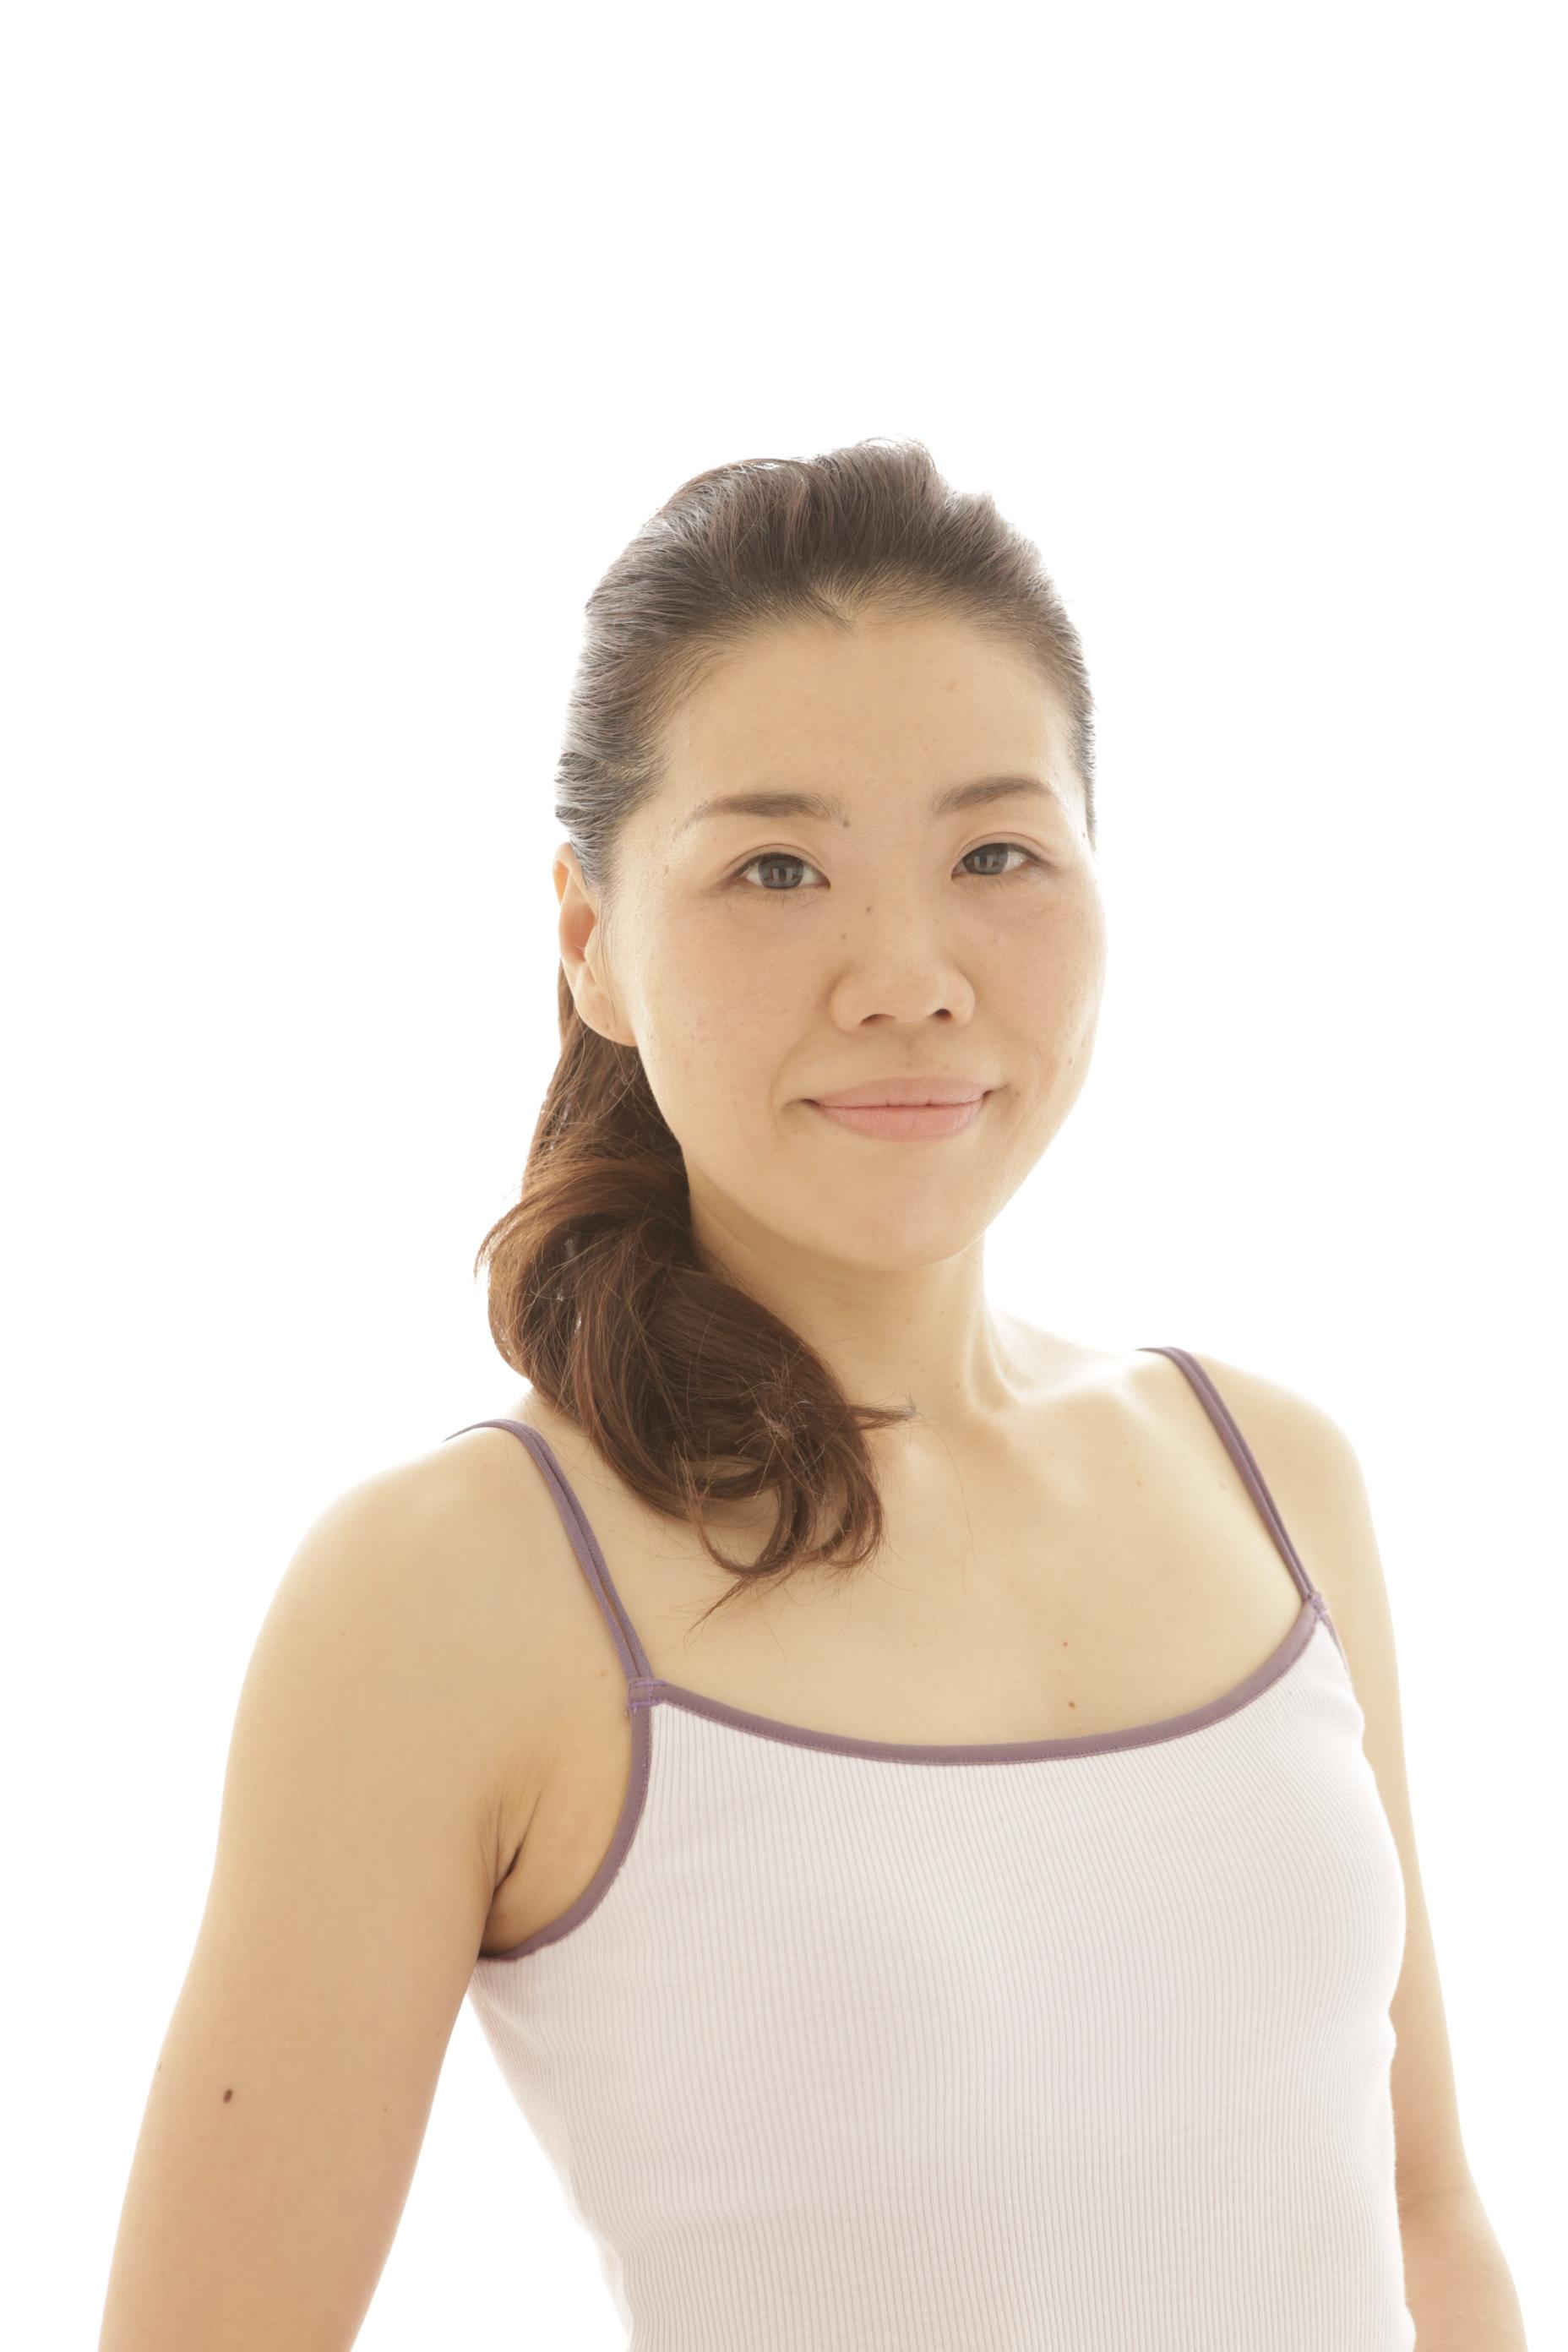 スタジオ・ヨギー札幌 - 【ヨガ】心身回復のポーズを学ぶ<リストラティブヨガ・トレーニングコース>の写真2